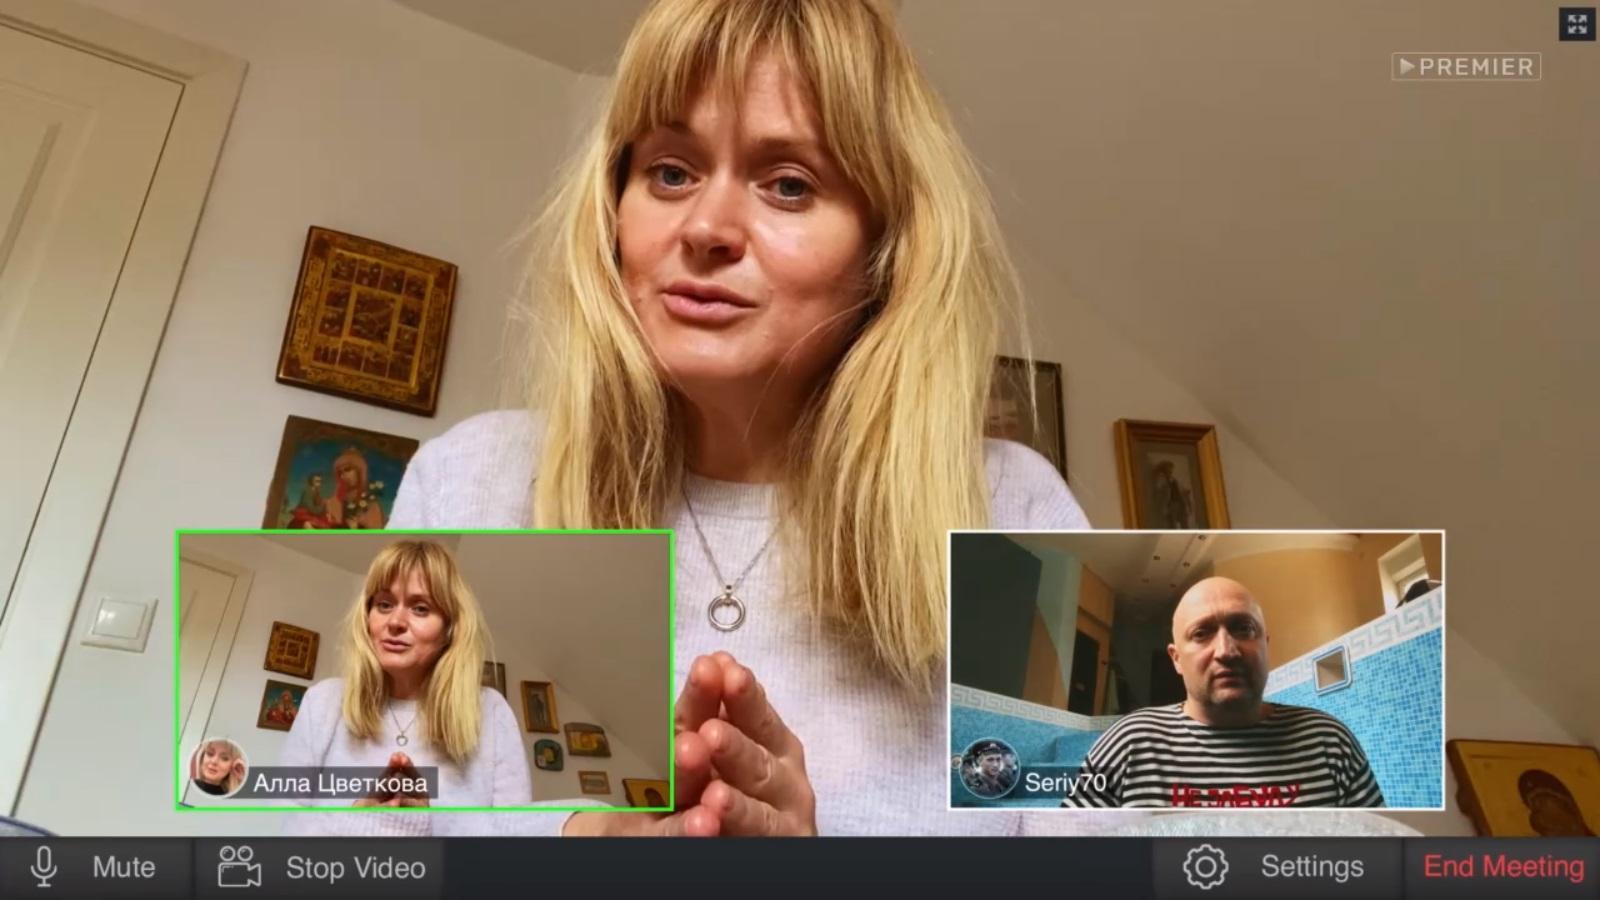 Первый взгляд на screenlife-ситком «СидЯдома». Выживание малого бизнеса на удаленке